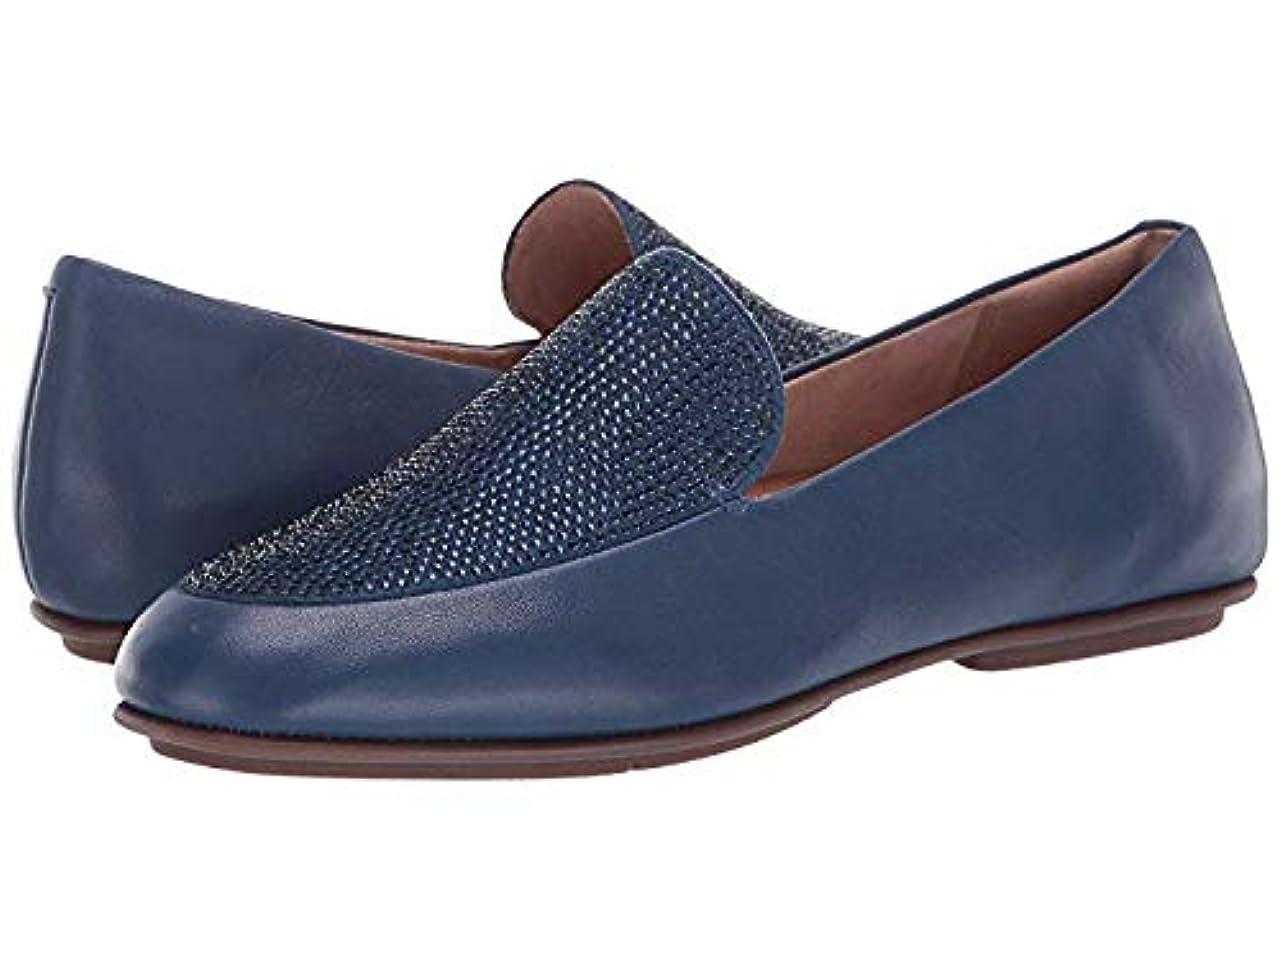 ガイドライン分子気体のレディースローファー?靴 Lena Crystal Loafers Aurora Blue (23.5cm) M (B) [並行輸入品]